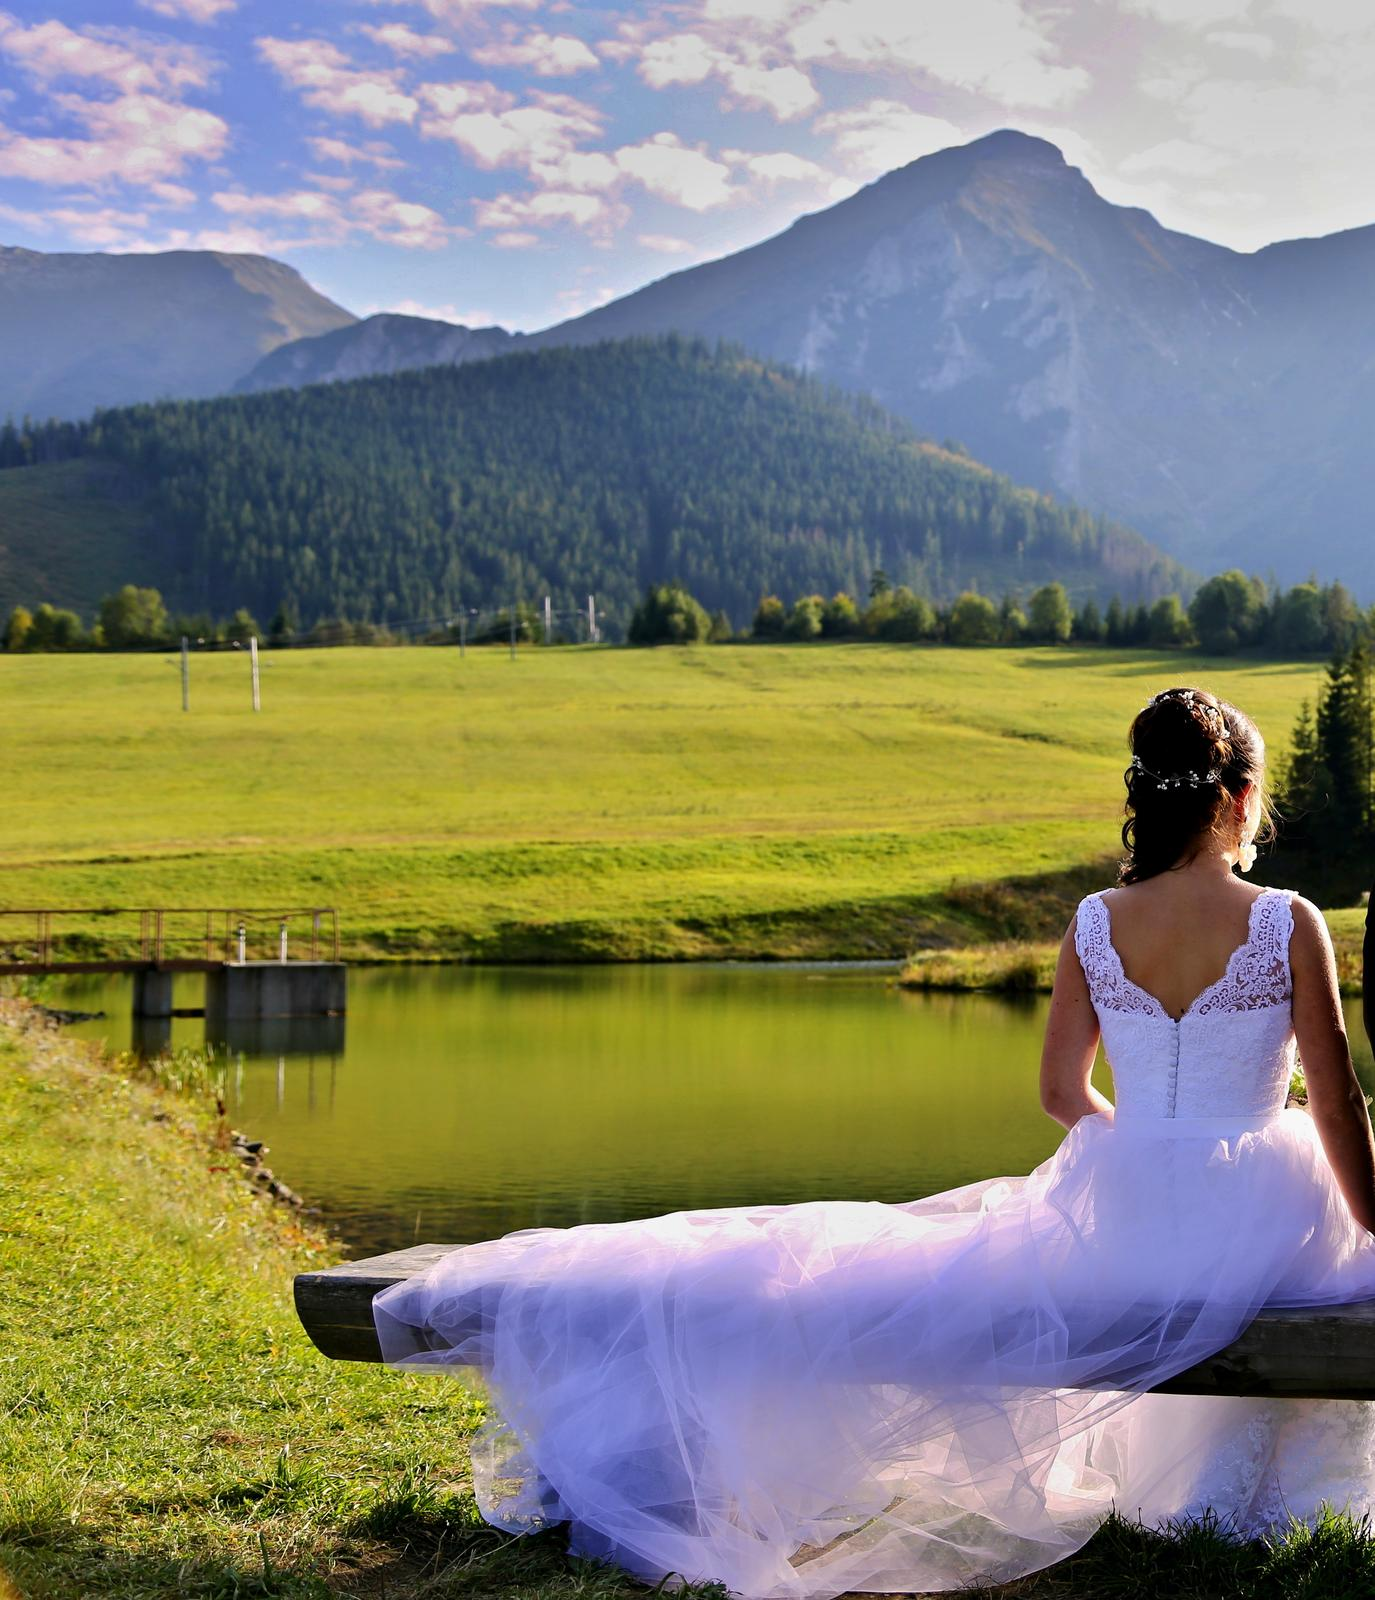 Celokrajkové svadobné šaty s odnímateľnou vlečkou  - Obrázok č. 4